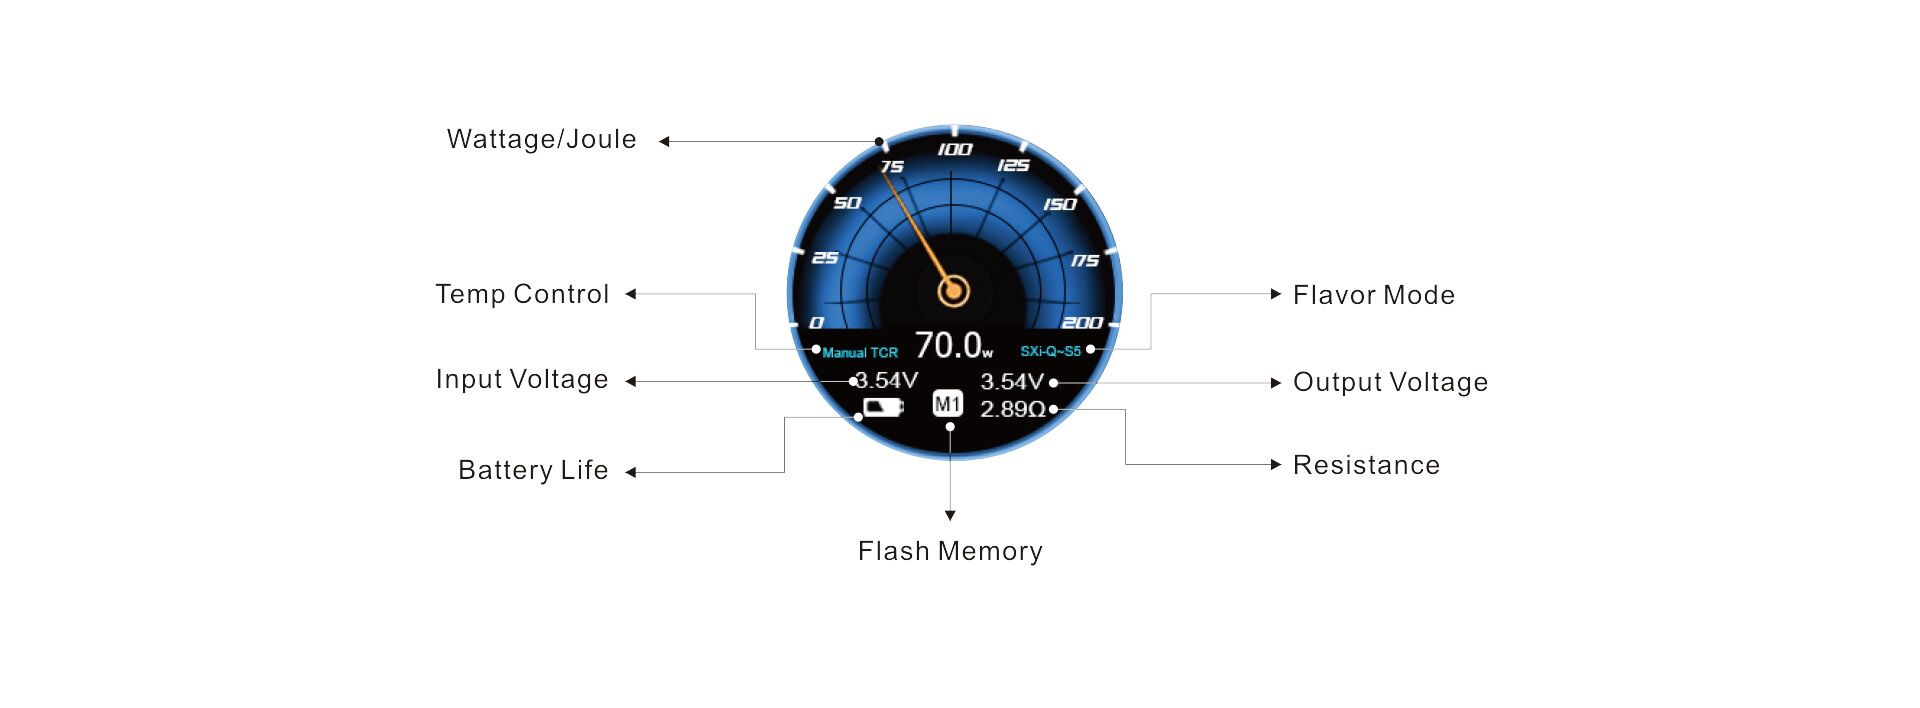 VK530 200TC Mod Vsticking_4-smoke.gr_3